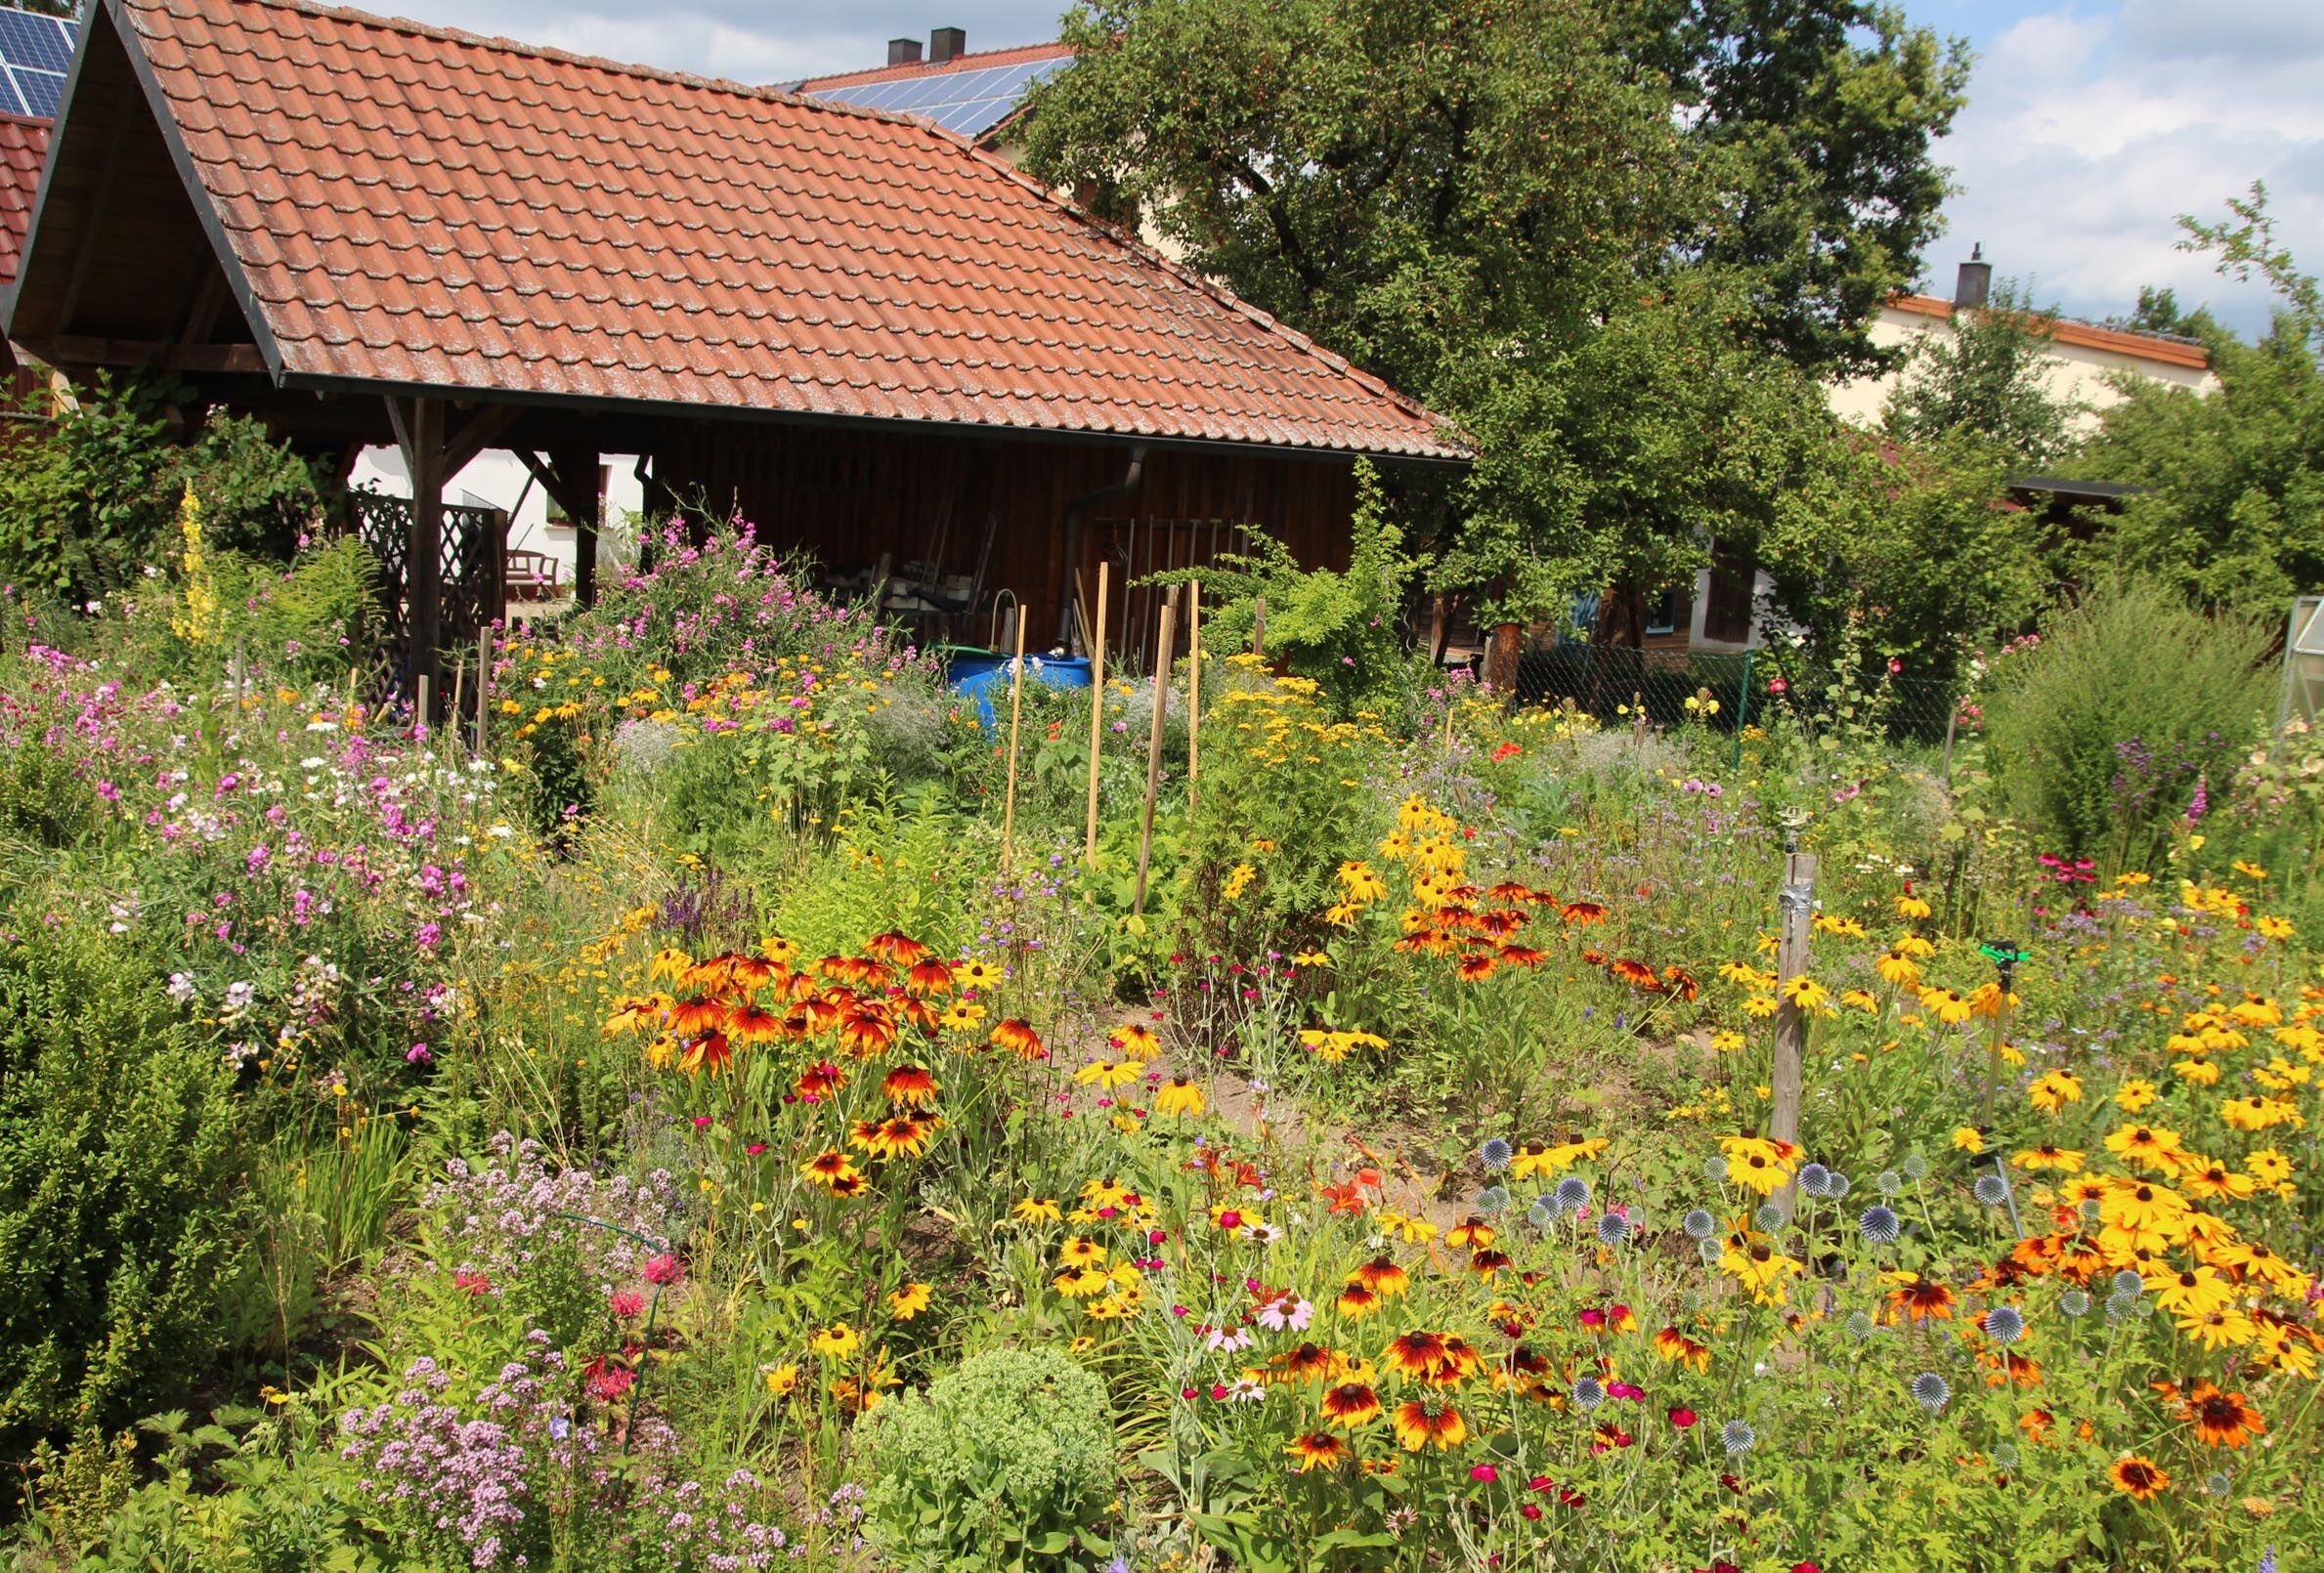 Blick über den Zaun: Bei den Gartenführungen können sich die Teilnehmer/innen viele Inspirationen holen. (Foto: privat)